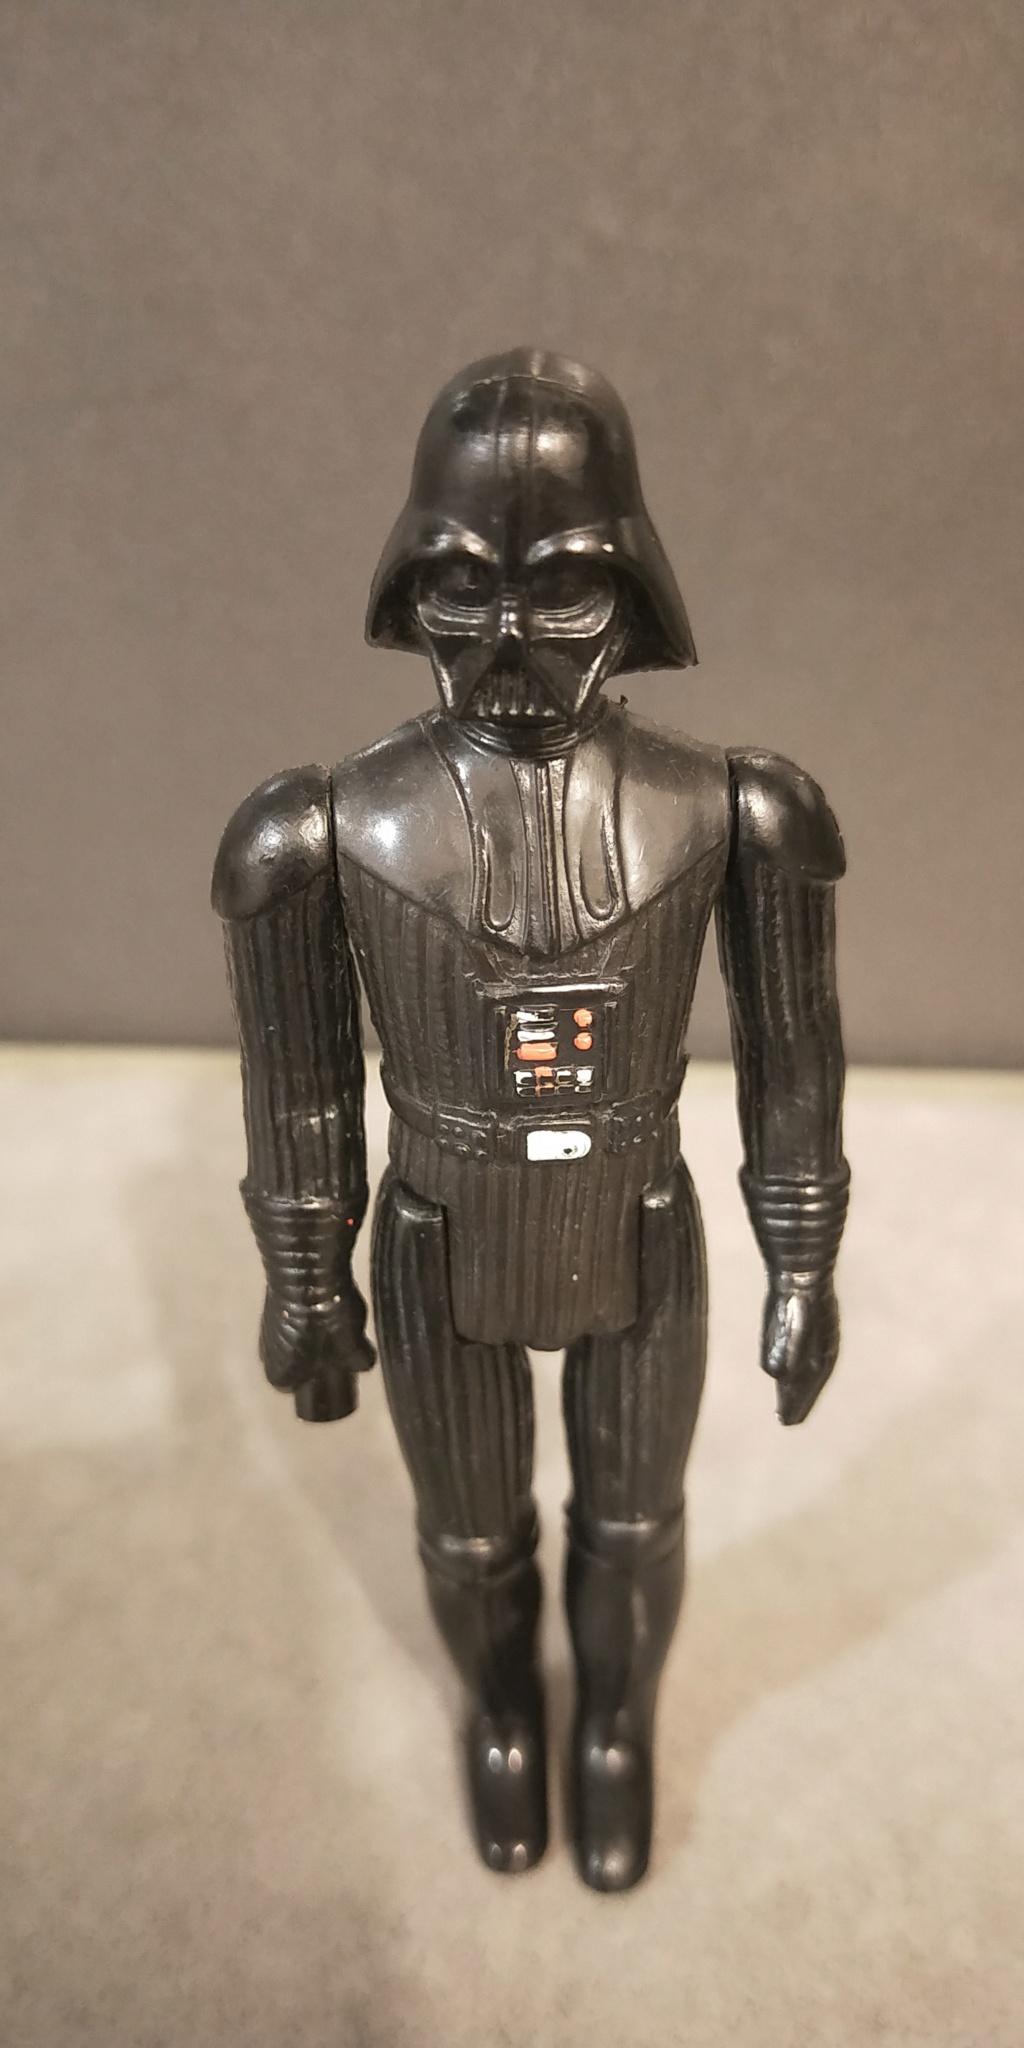 Darth Vader coo HON KONG - Page 2 Img20114